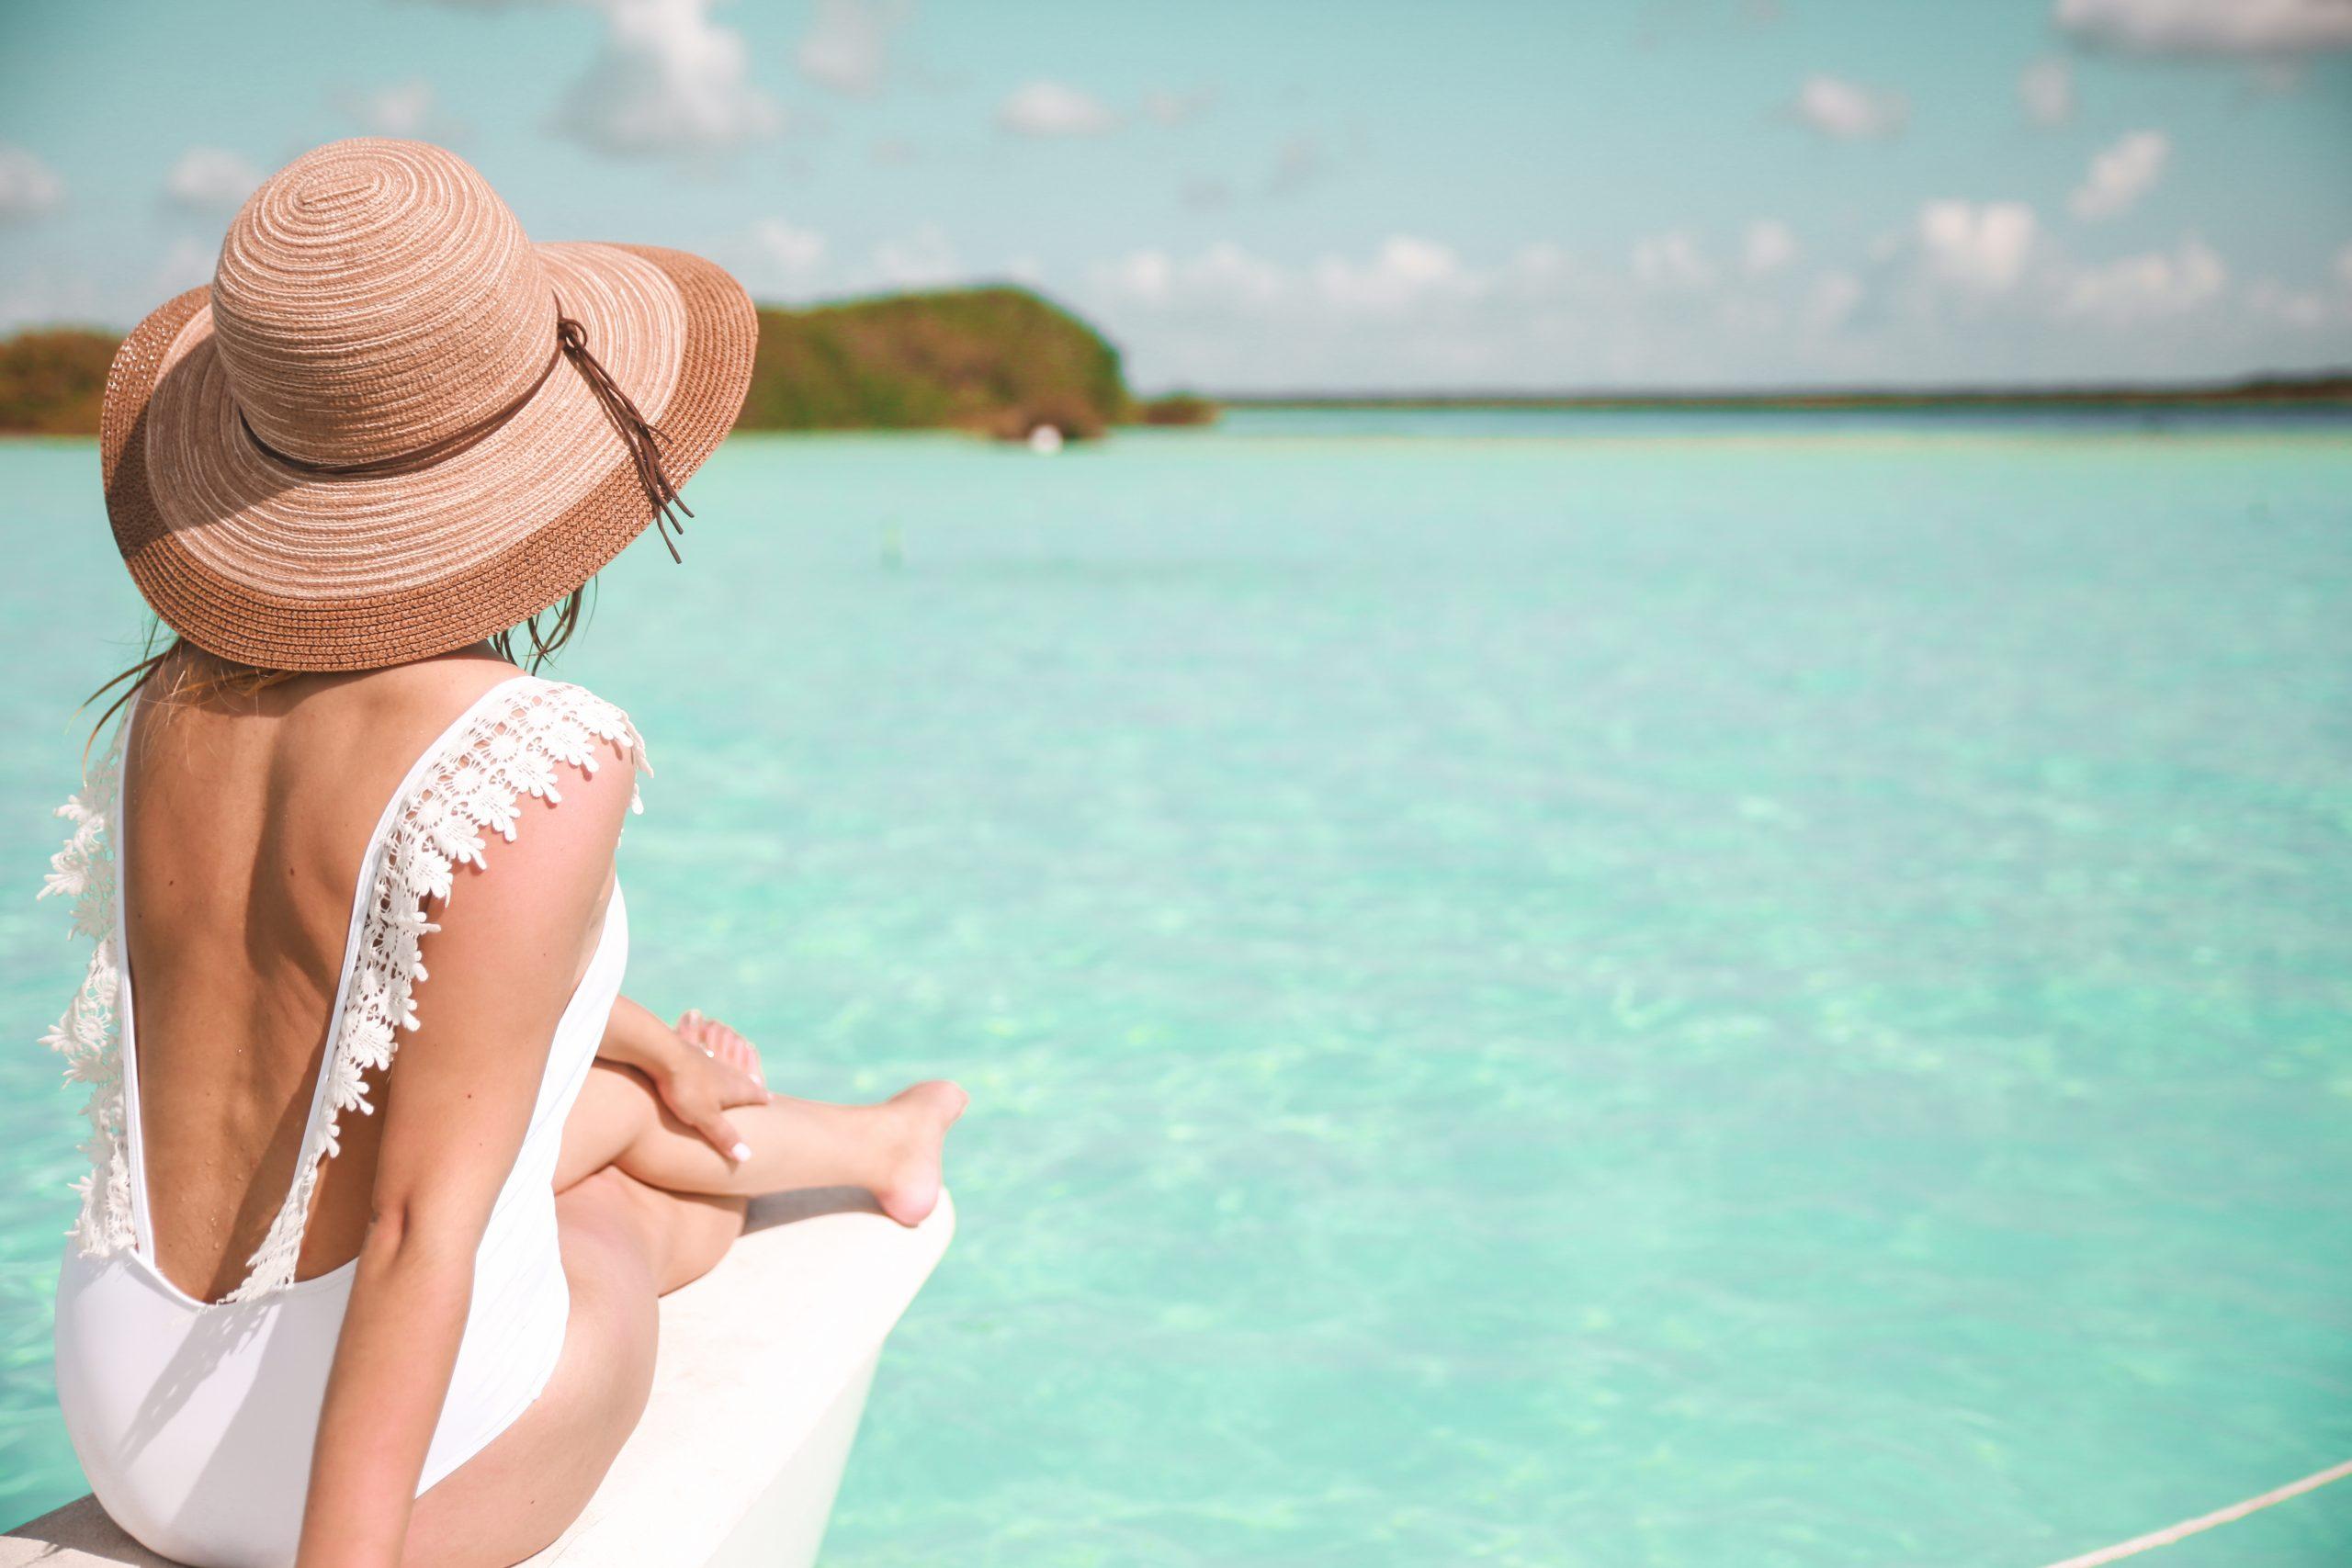 Selezione saldi estate 2020: costumi e vestiti da spiaggia